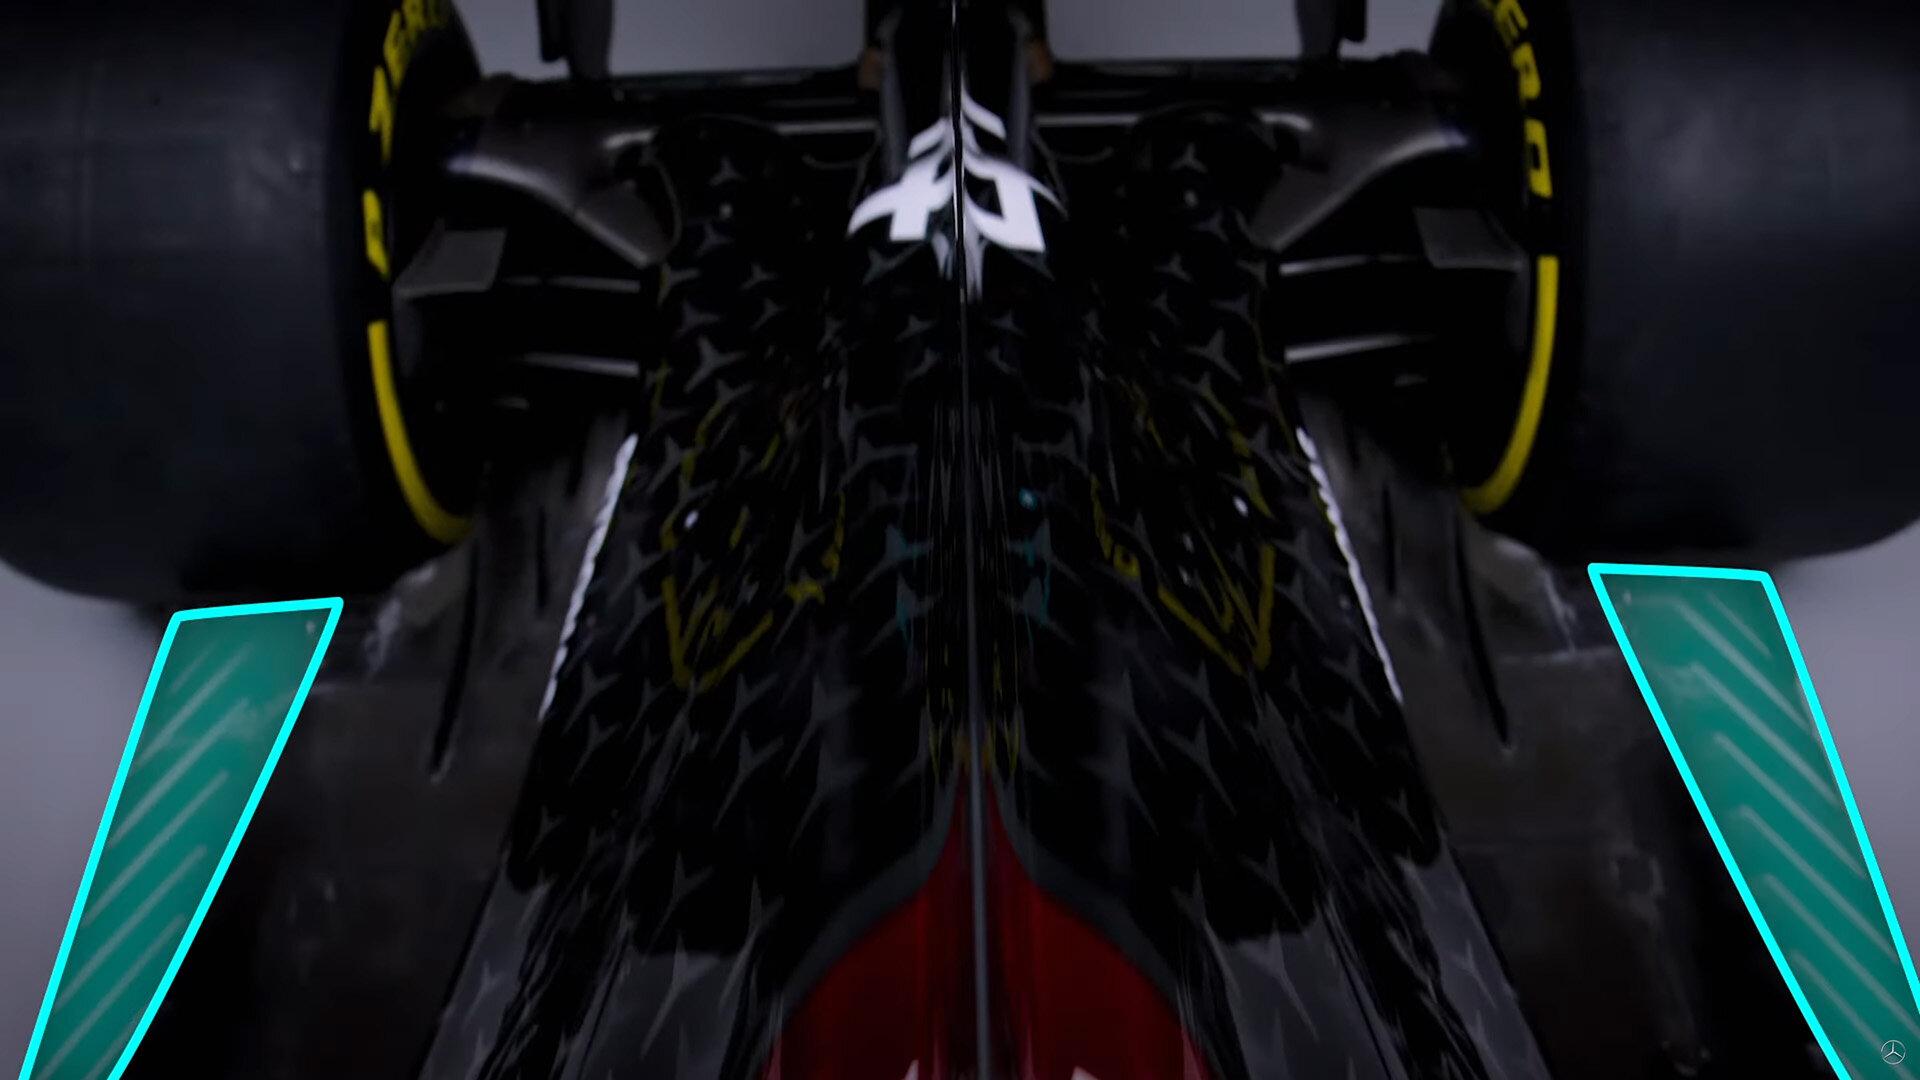 Nové výřezy v letošních podlahách Aston Martinu a Mercedesu kvůli nízkému sklonu nesvědčí